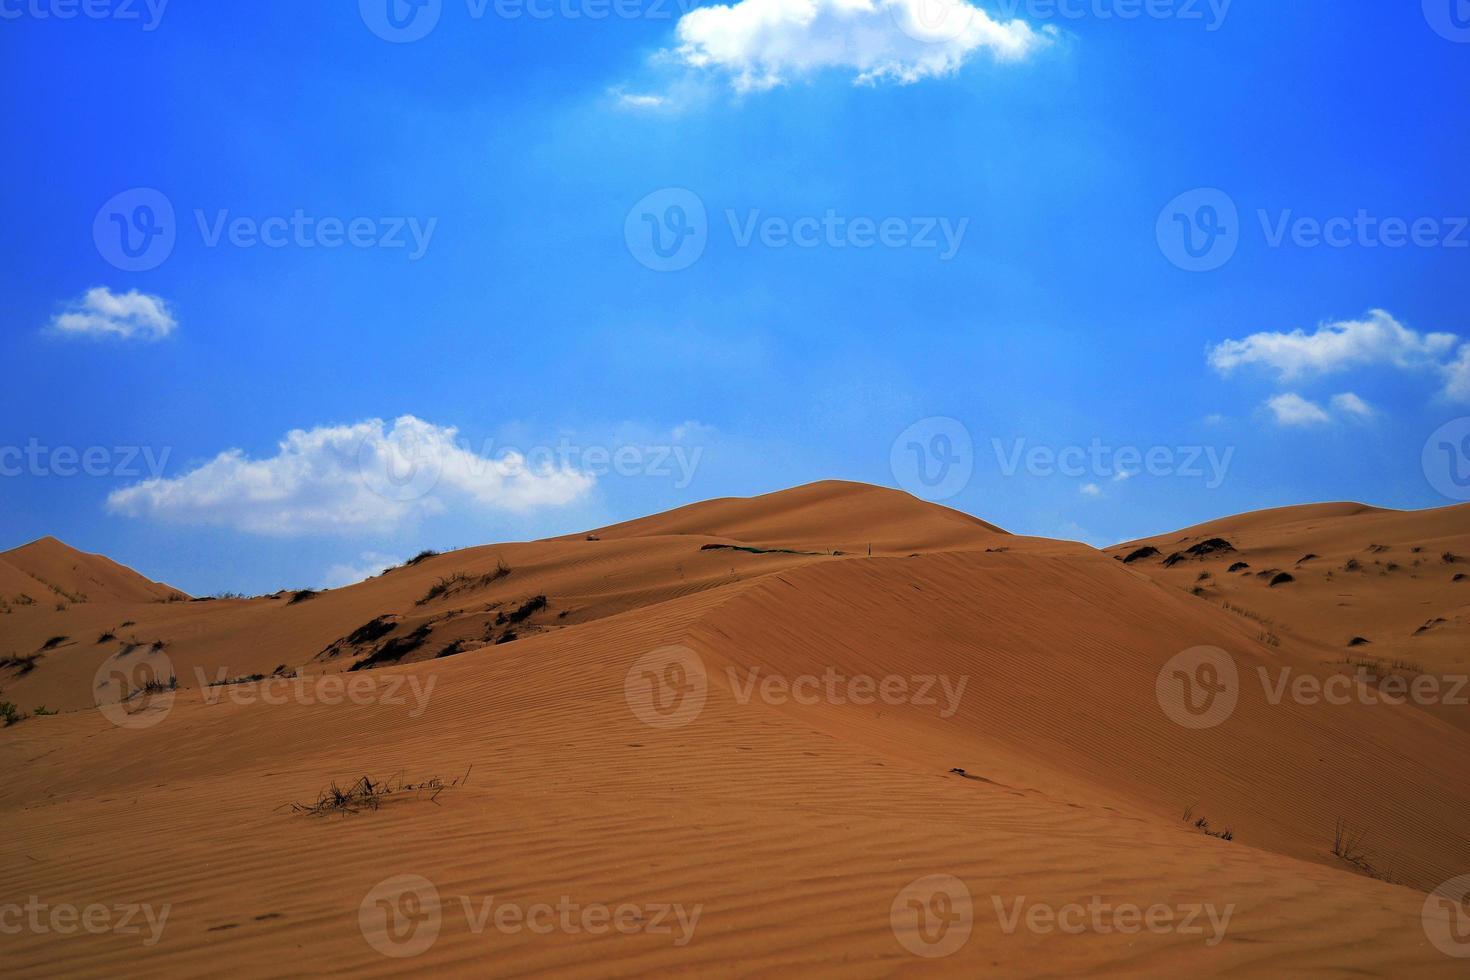 woestijn van Arabië foto